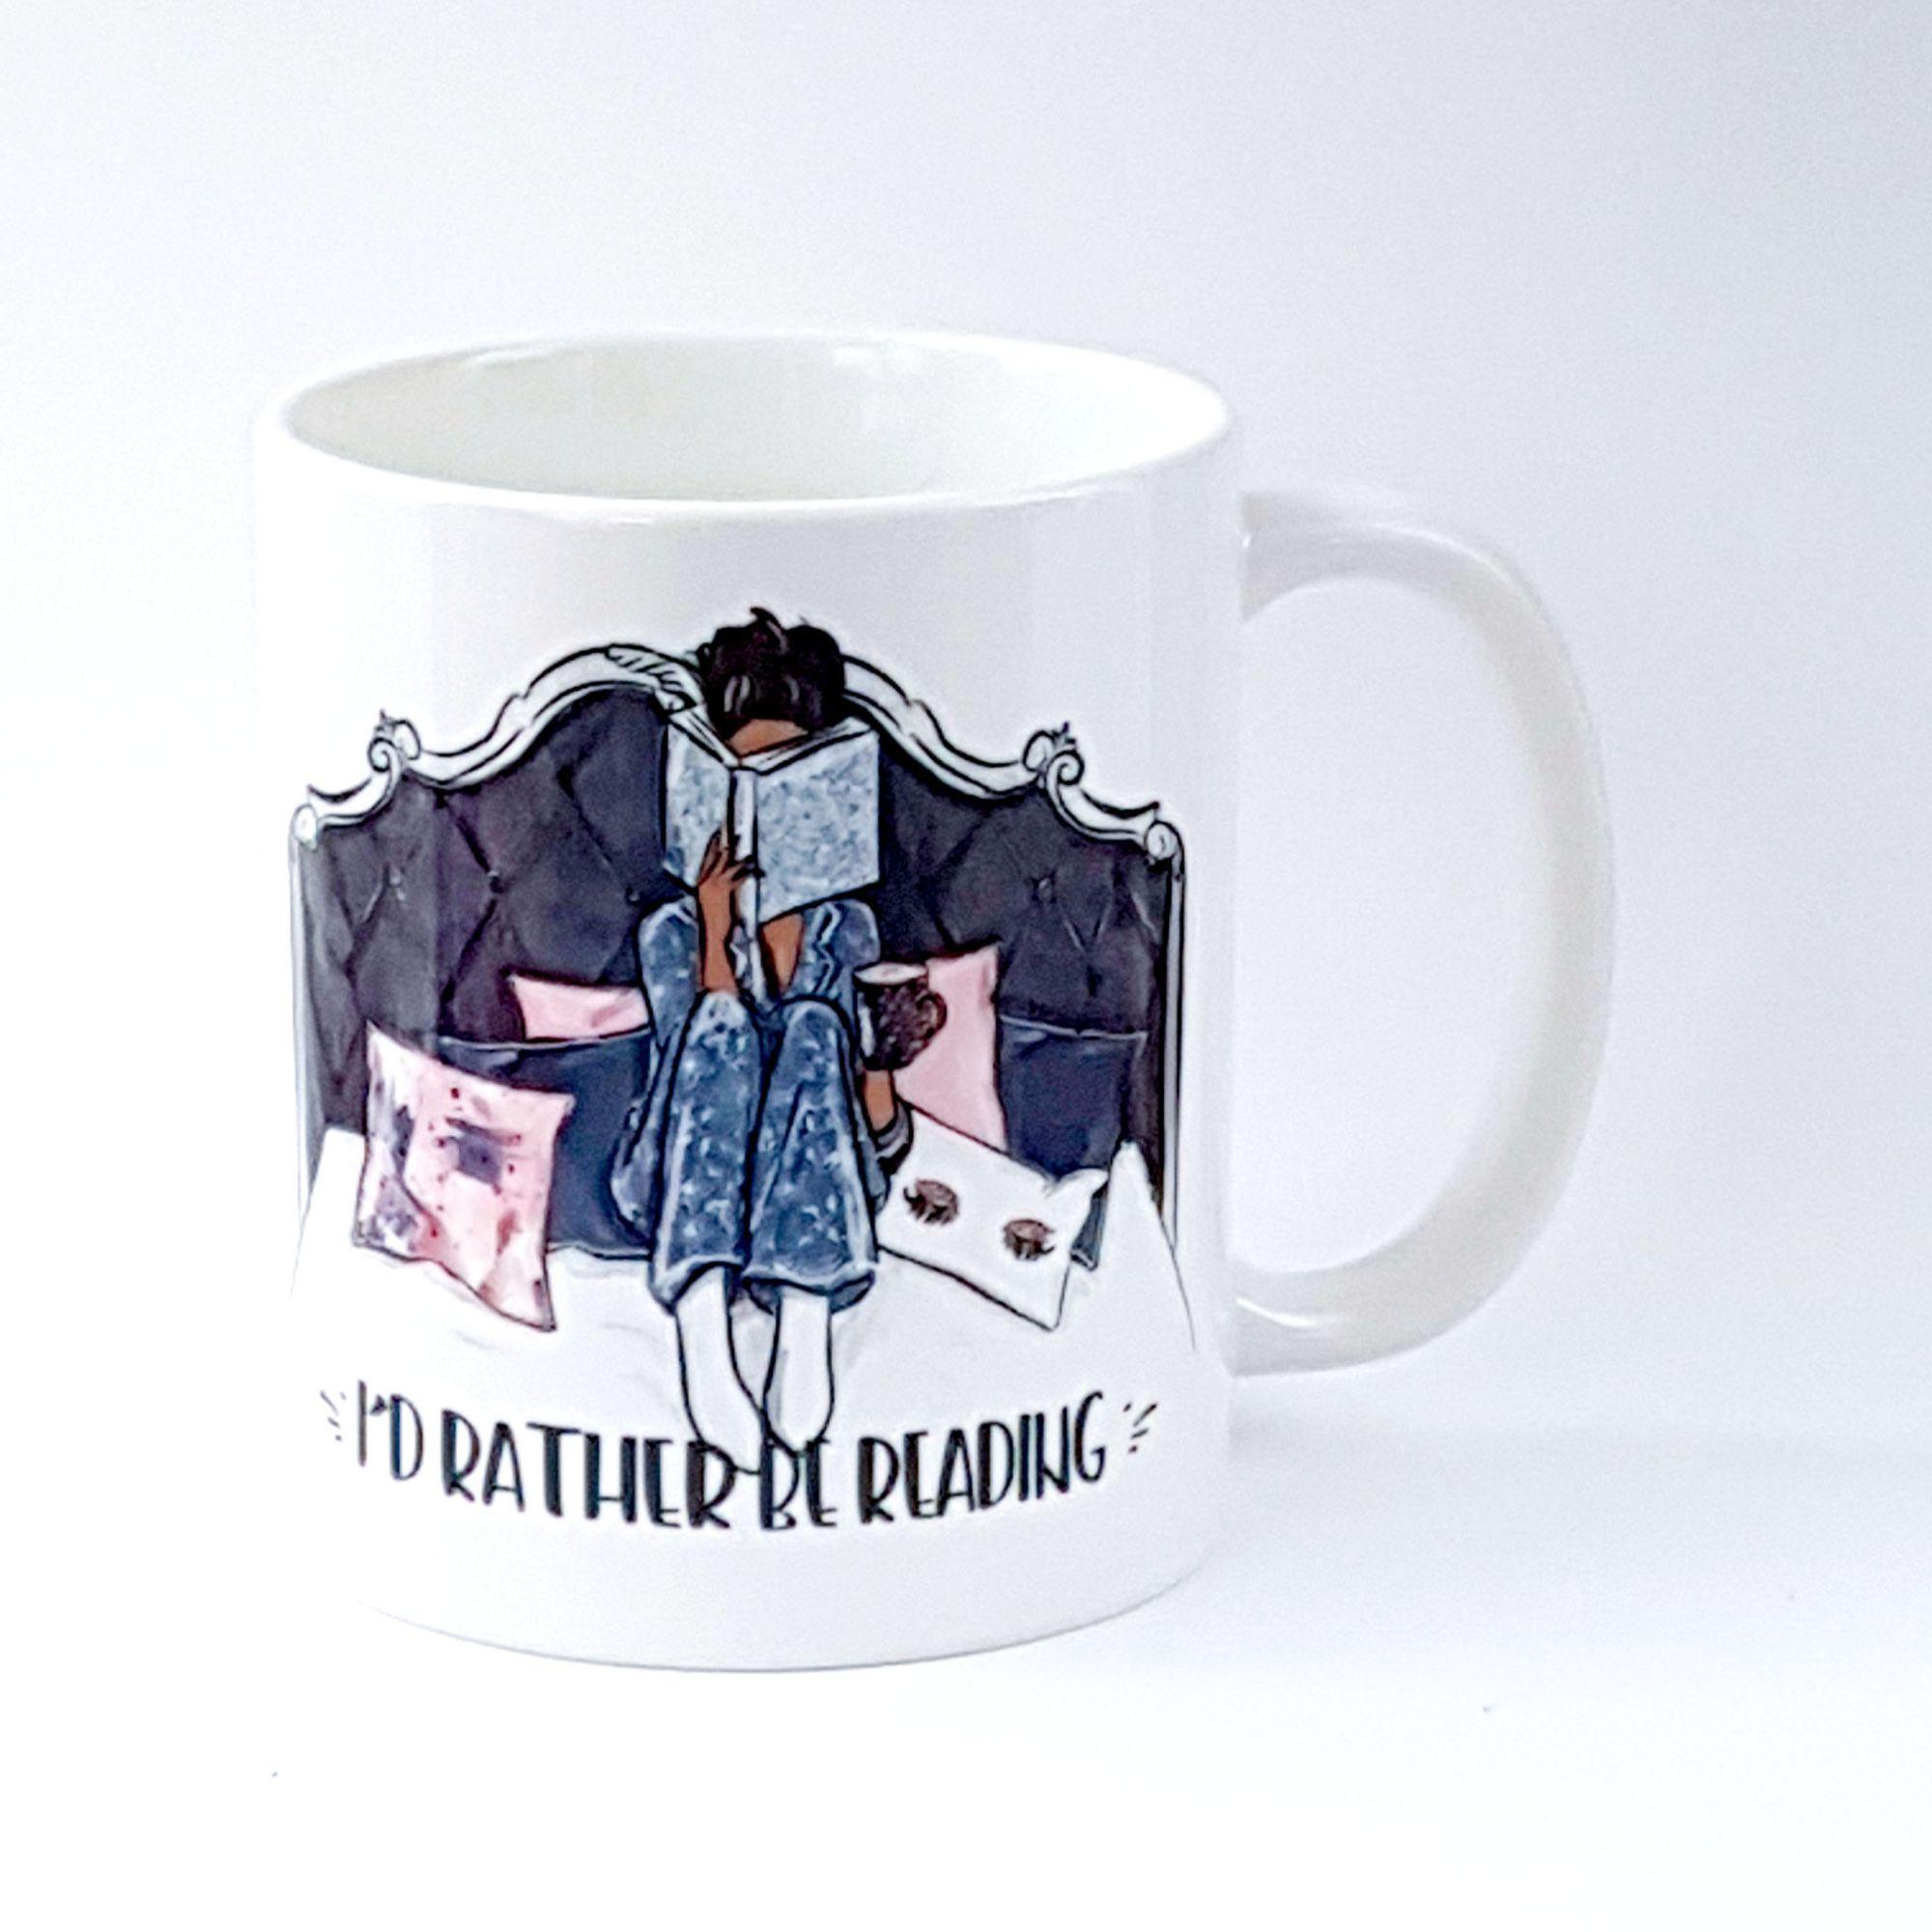 Bookish Mugs and Coasters